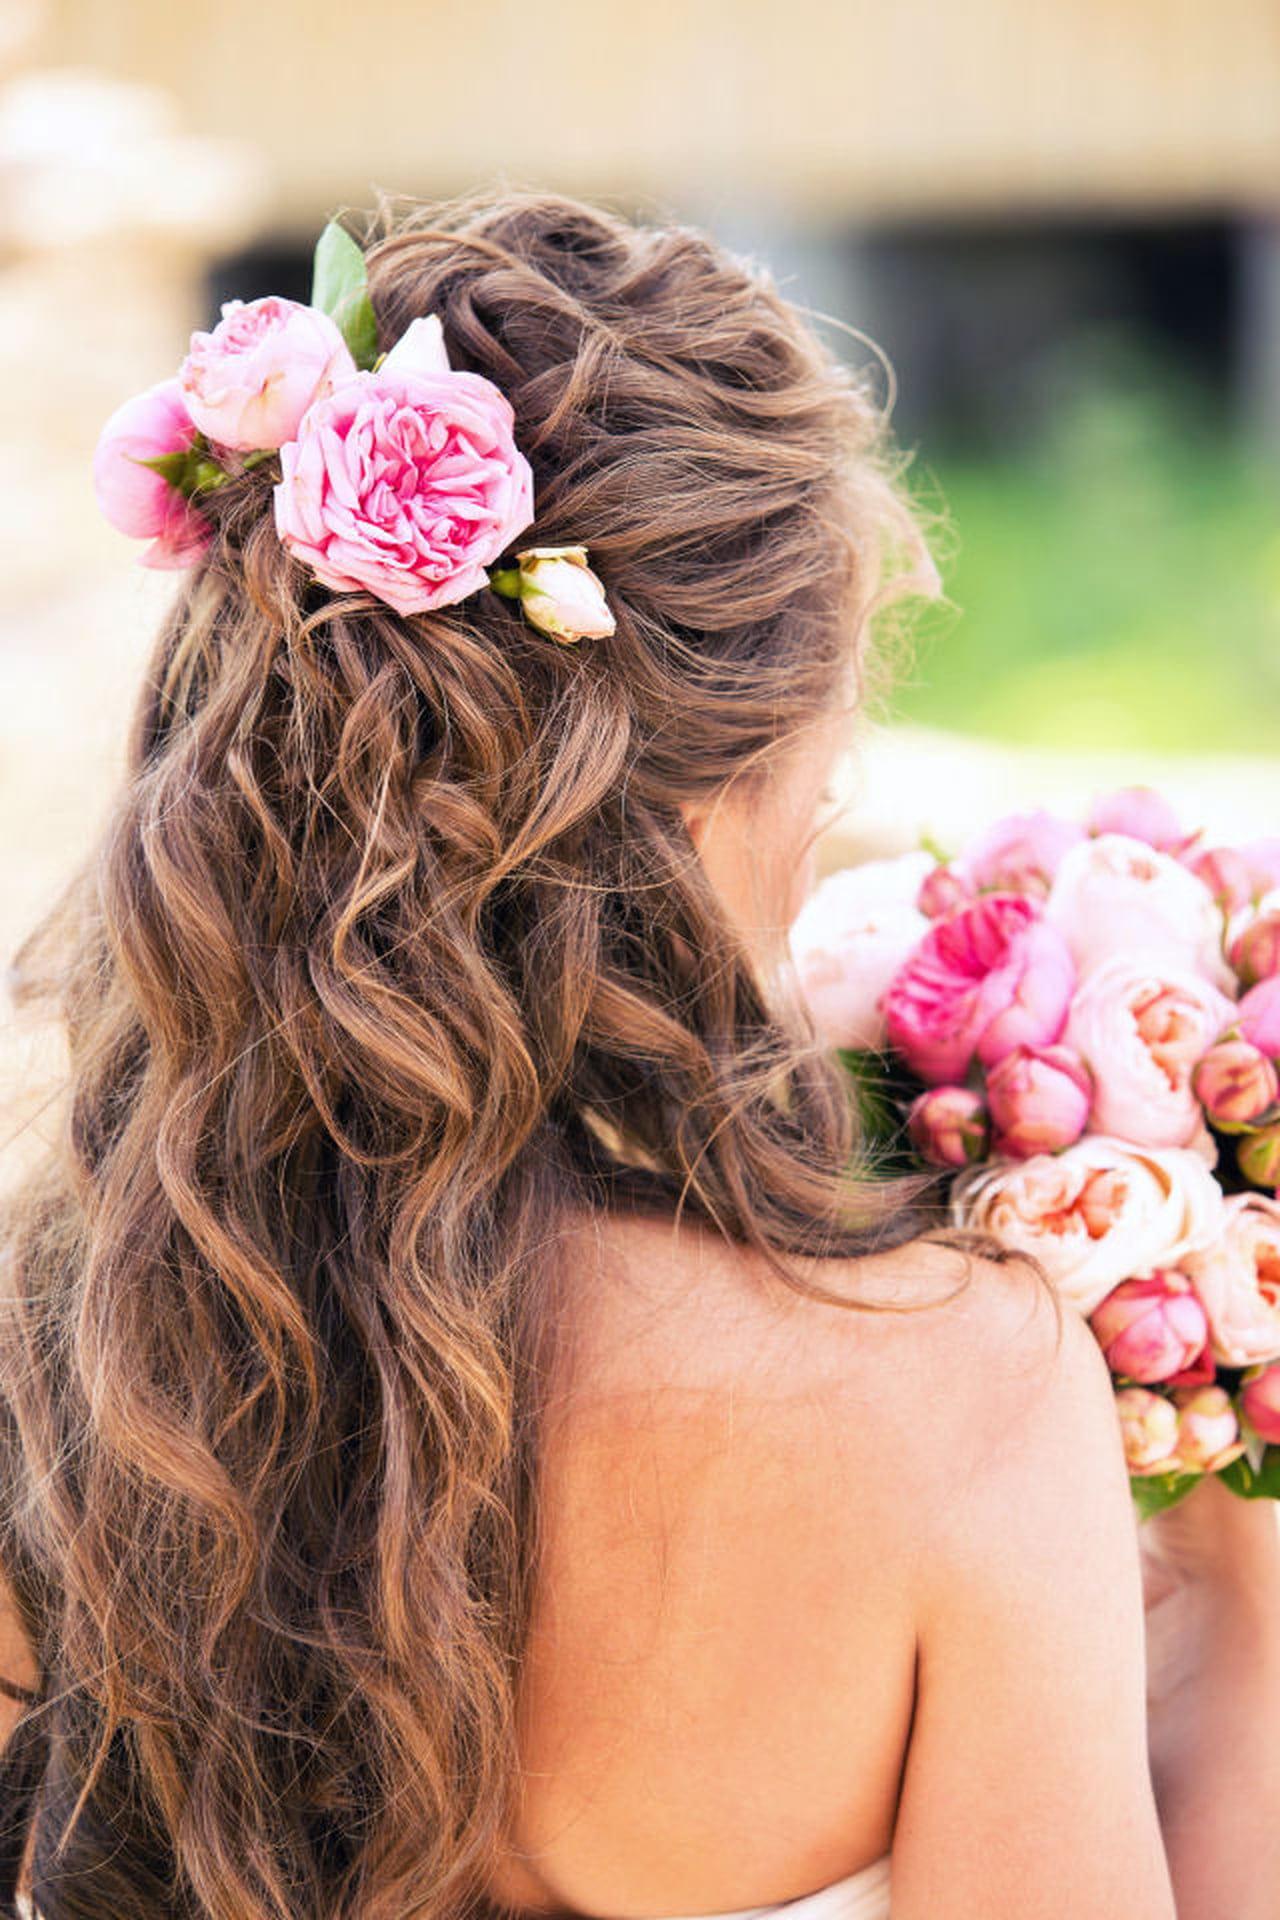 Acconciature con fiori: le idee più belle - Magazine delle donne